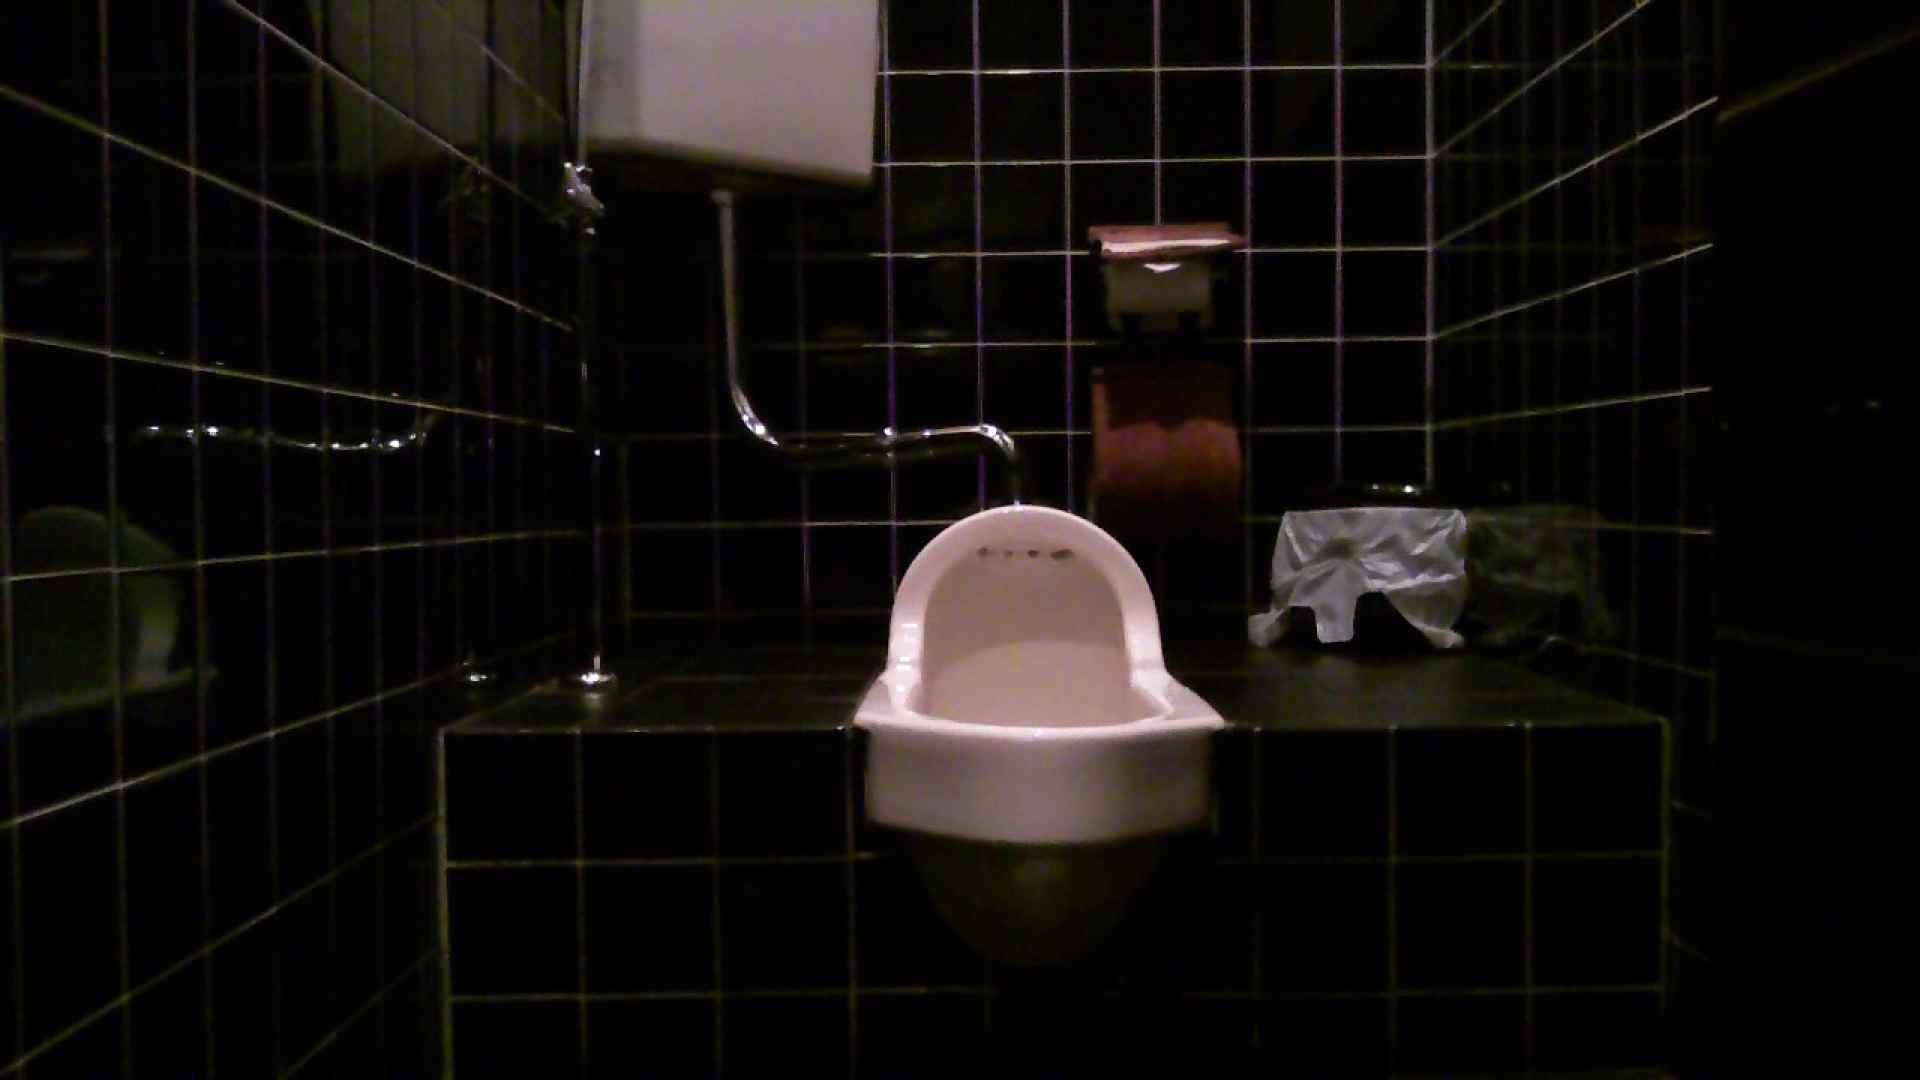 美女の集まる飲み屋洗面所 vol.05 0 | 0  47画像 5